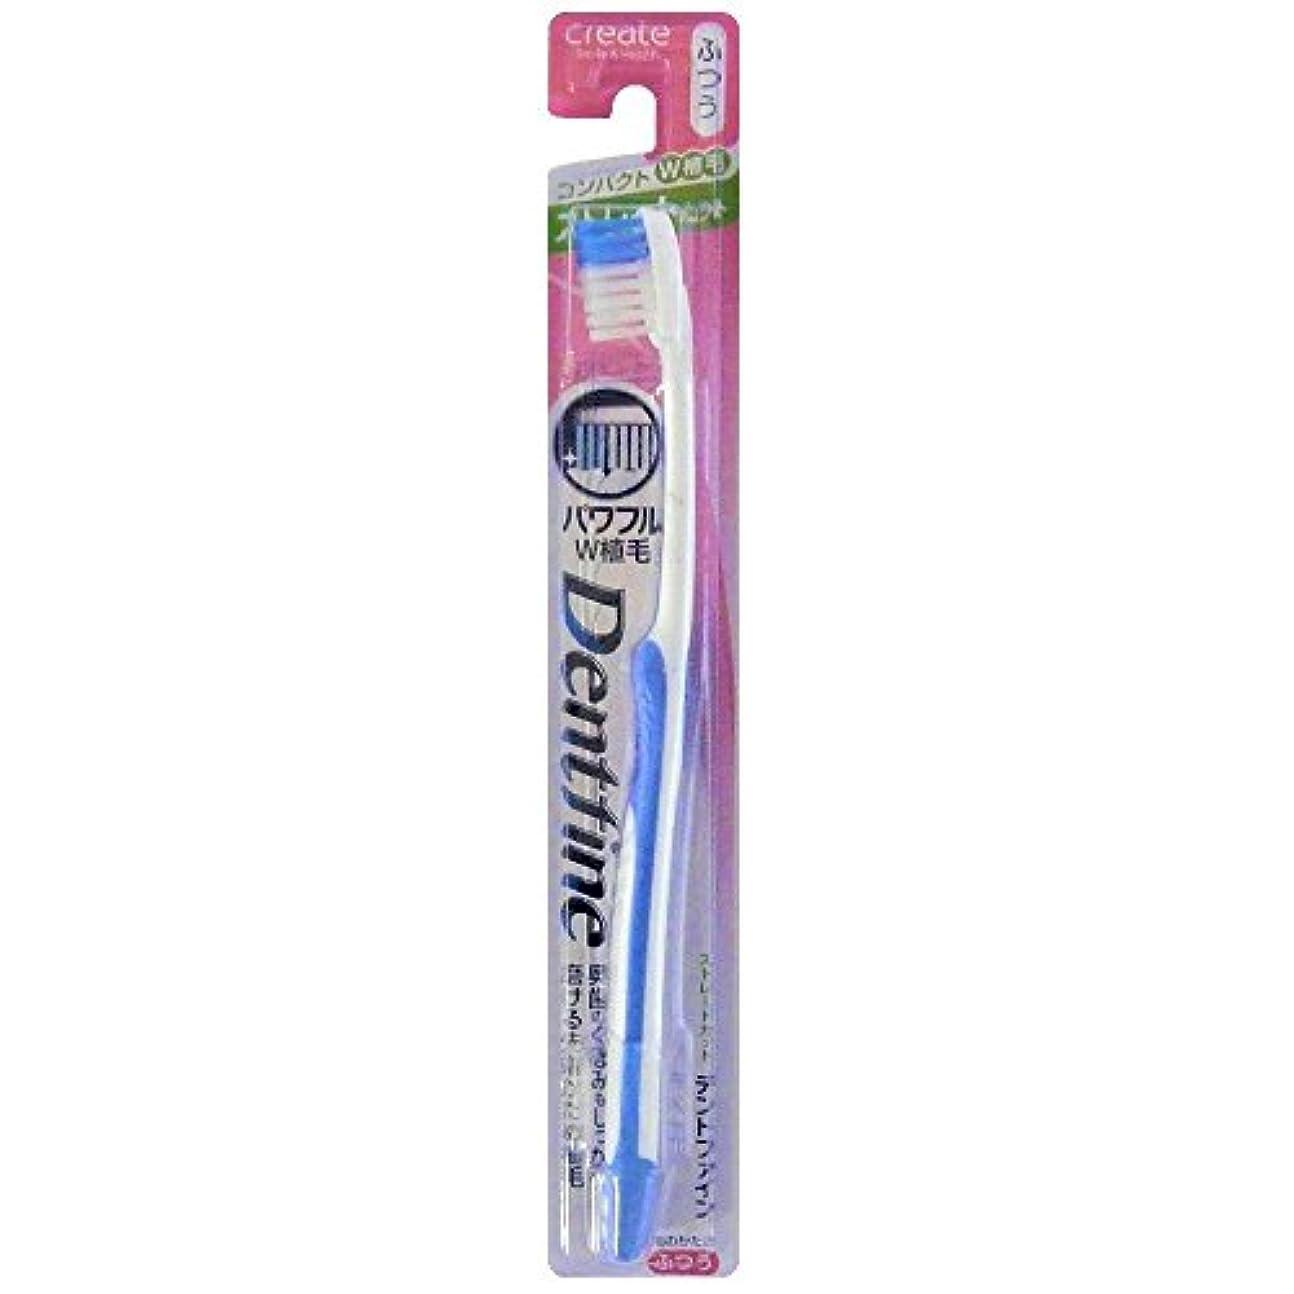 増強するクレデンシャルマチュピチュデントファイン ラバーグリップ ストレートカット 歯ブラシ ふつう 1本:ブルー